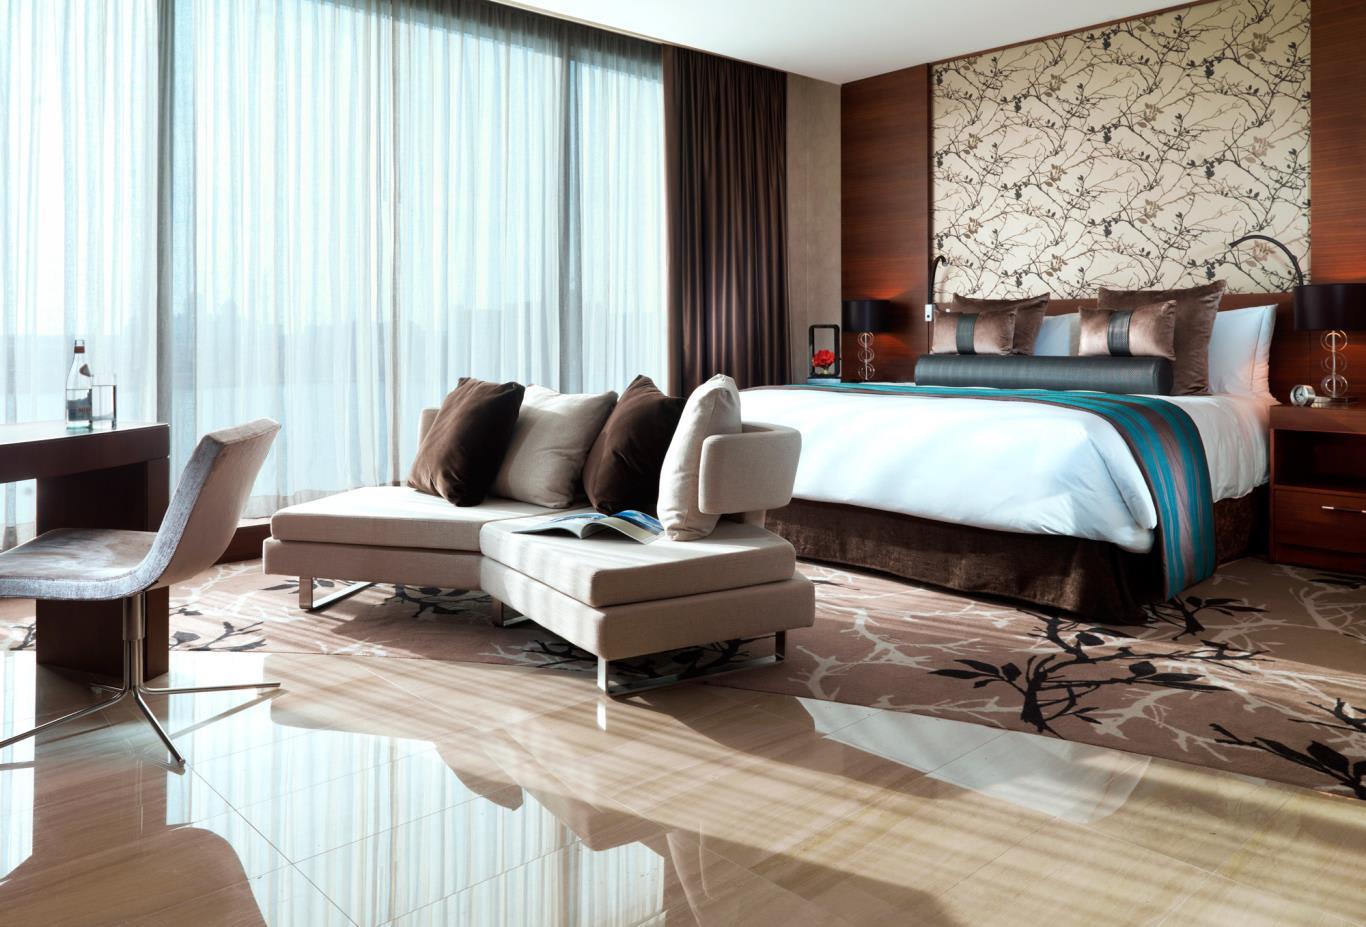 Fairmont-Room